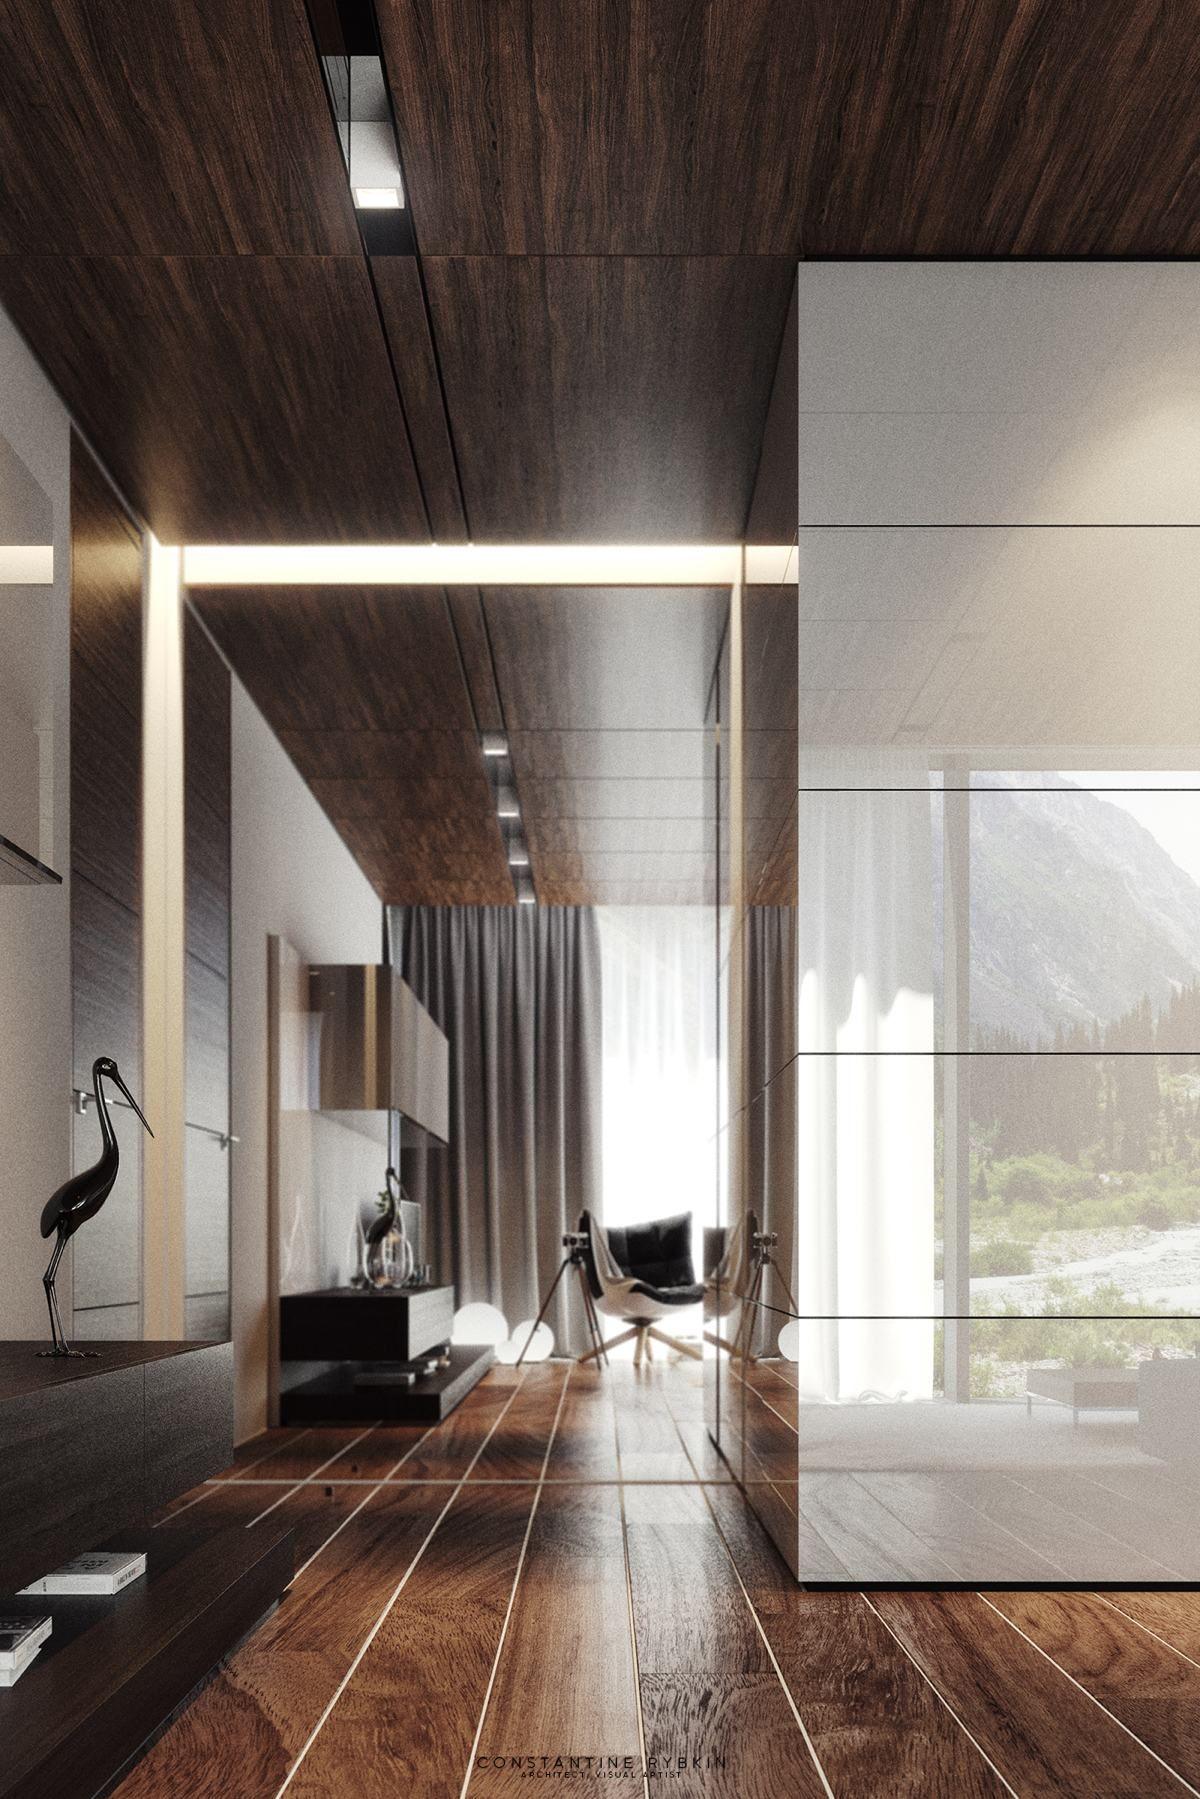 Free estimate in 2019 interior - Estimation and costing in interior designing ...